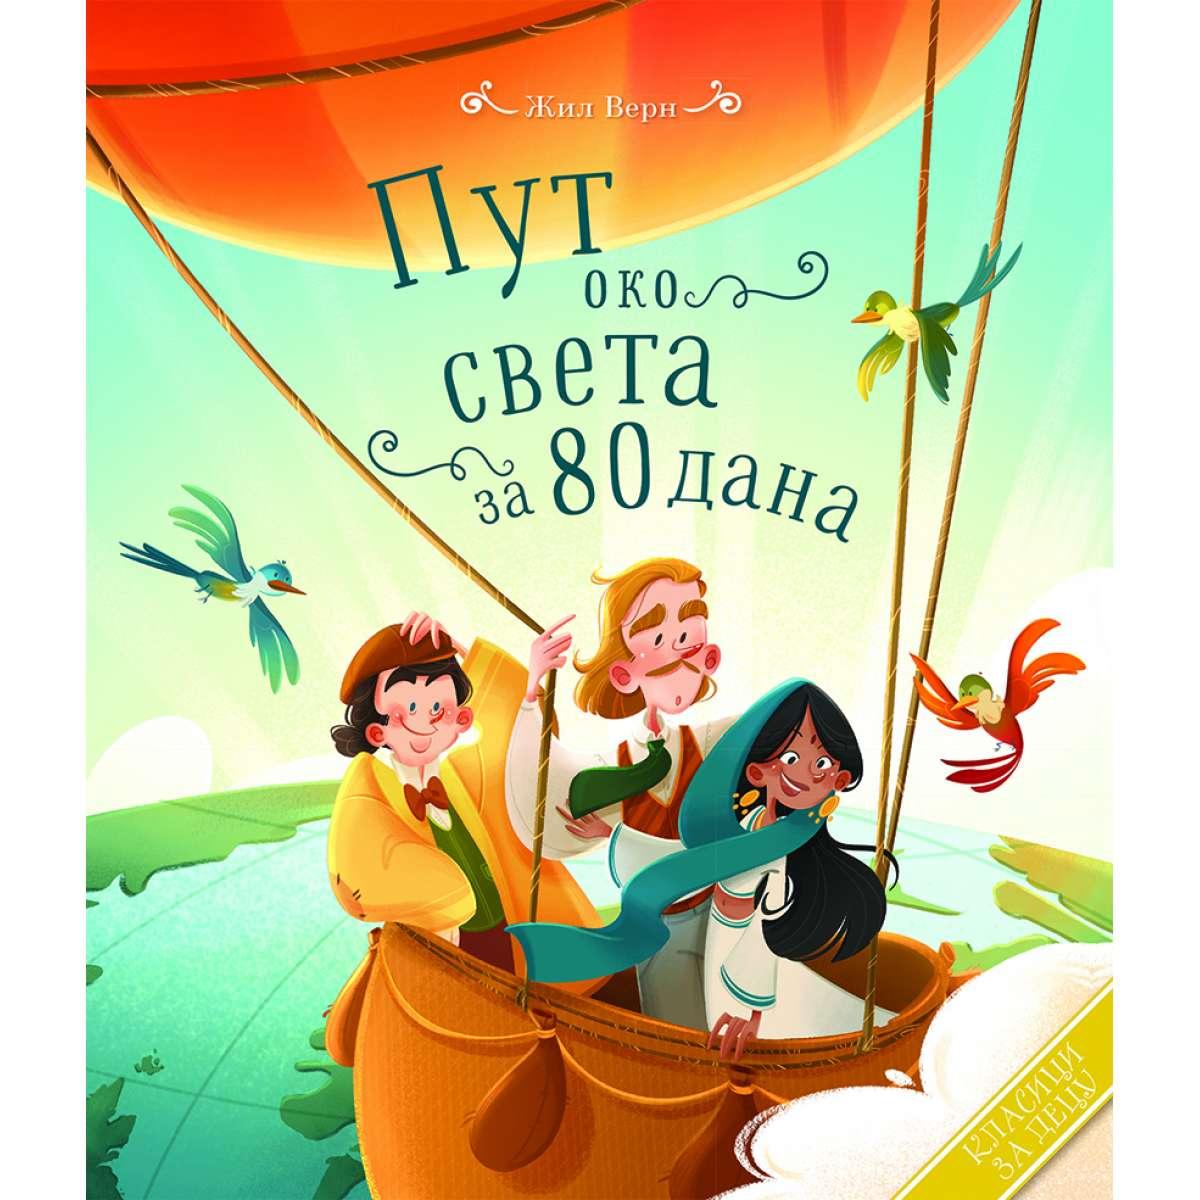 Klasici za decu: Put oko sveta za 80 dana